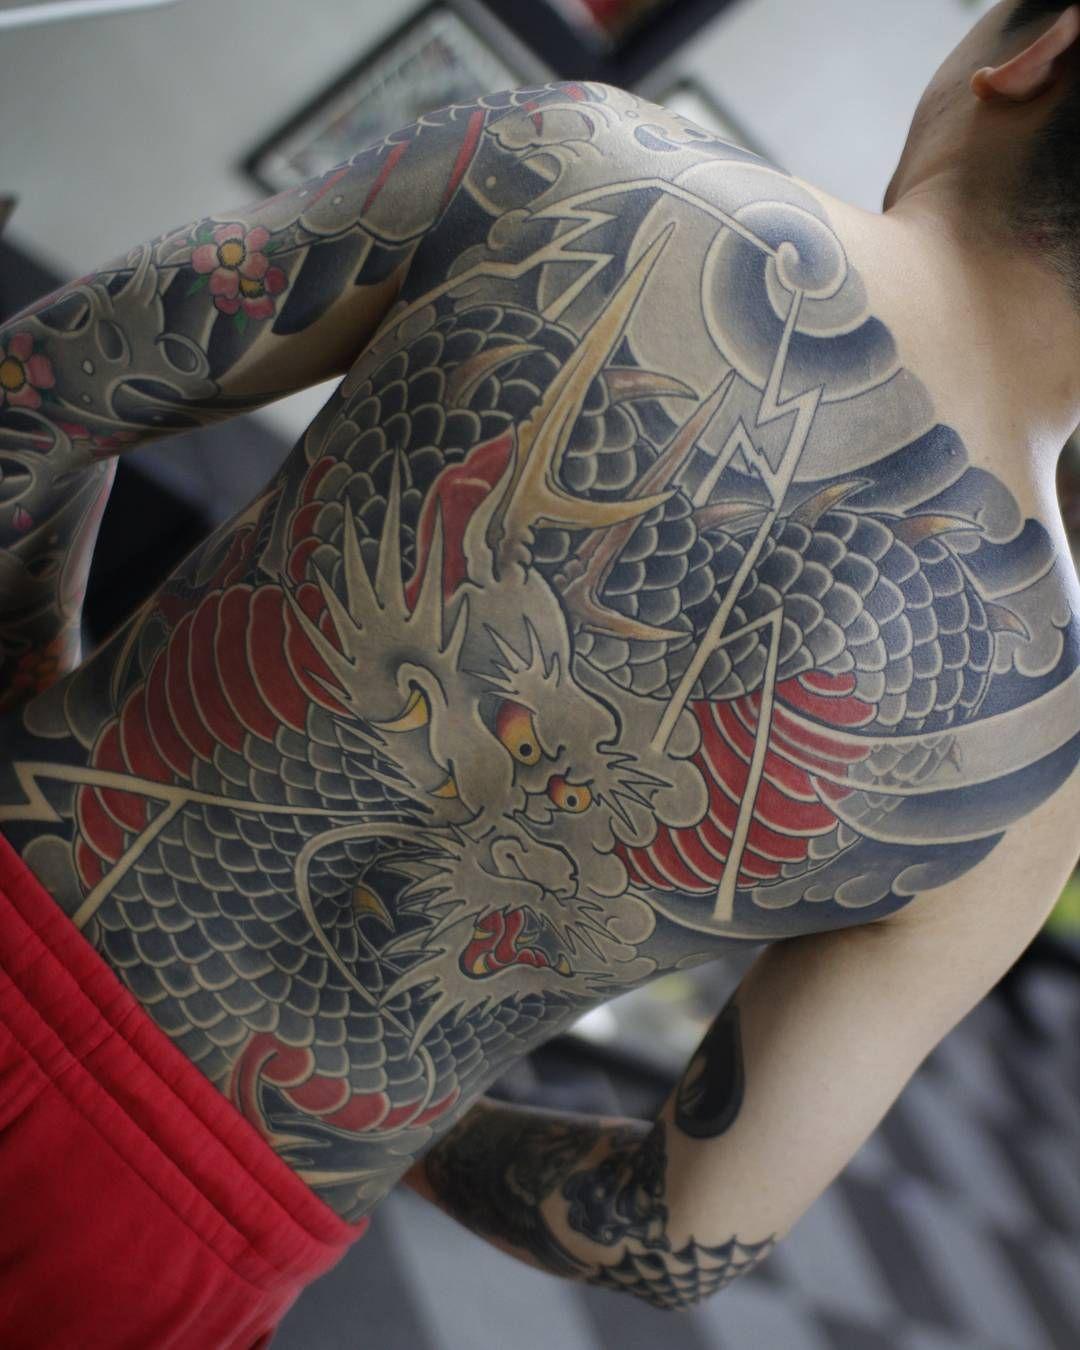 119 Likes, 10 Comments tattooist maroo (ym_horimaroo